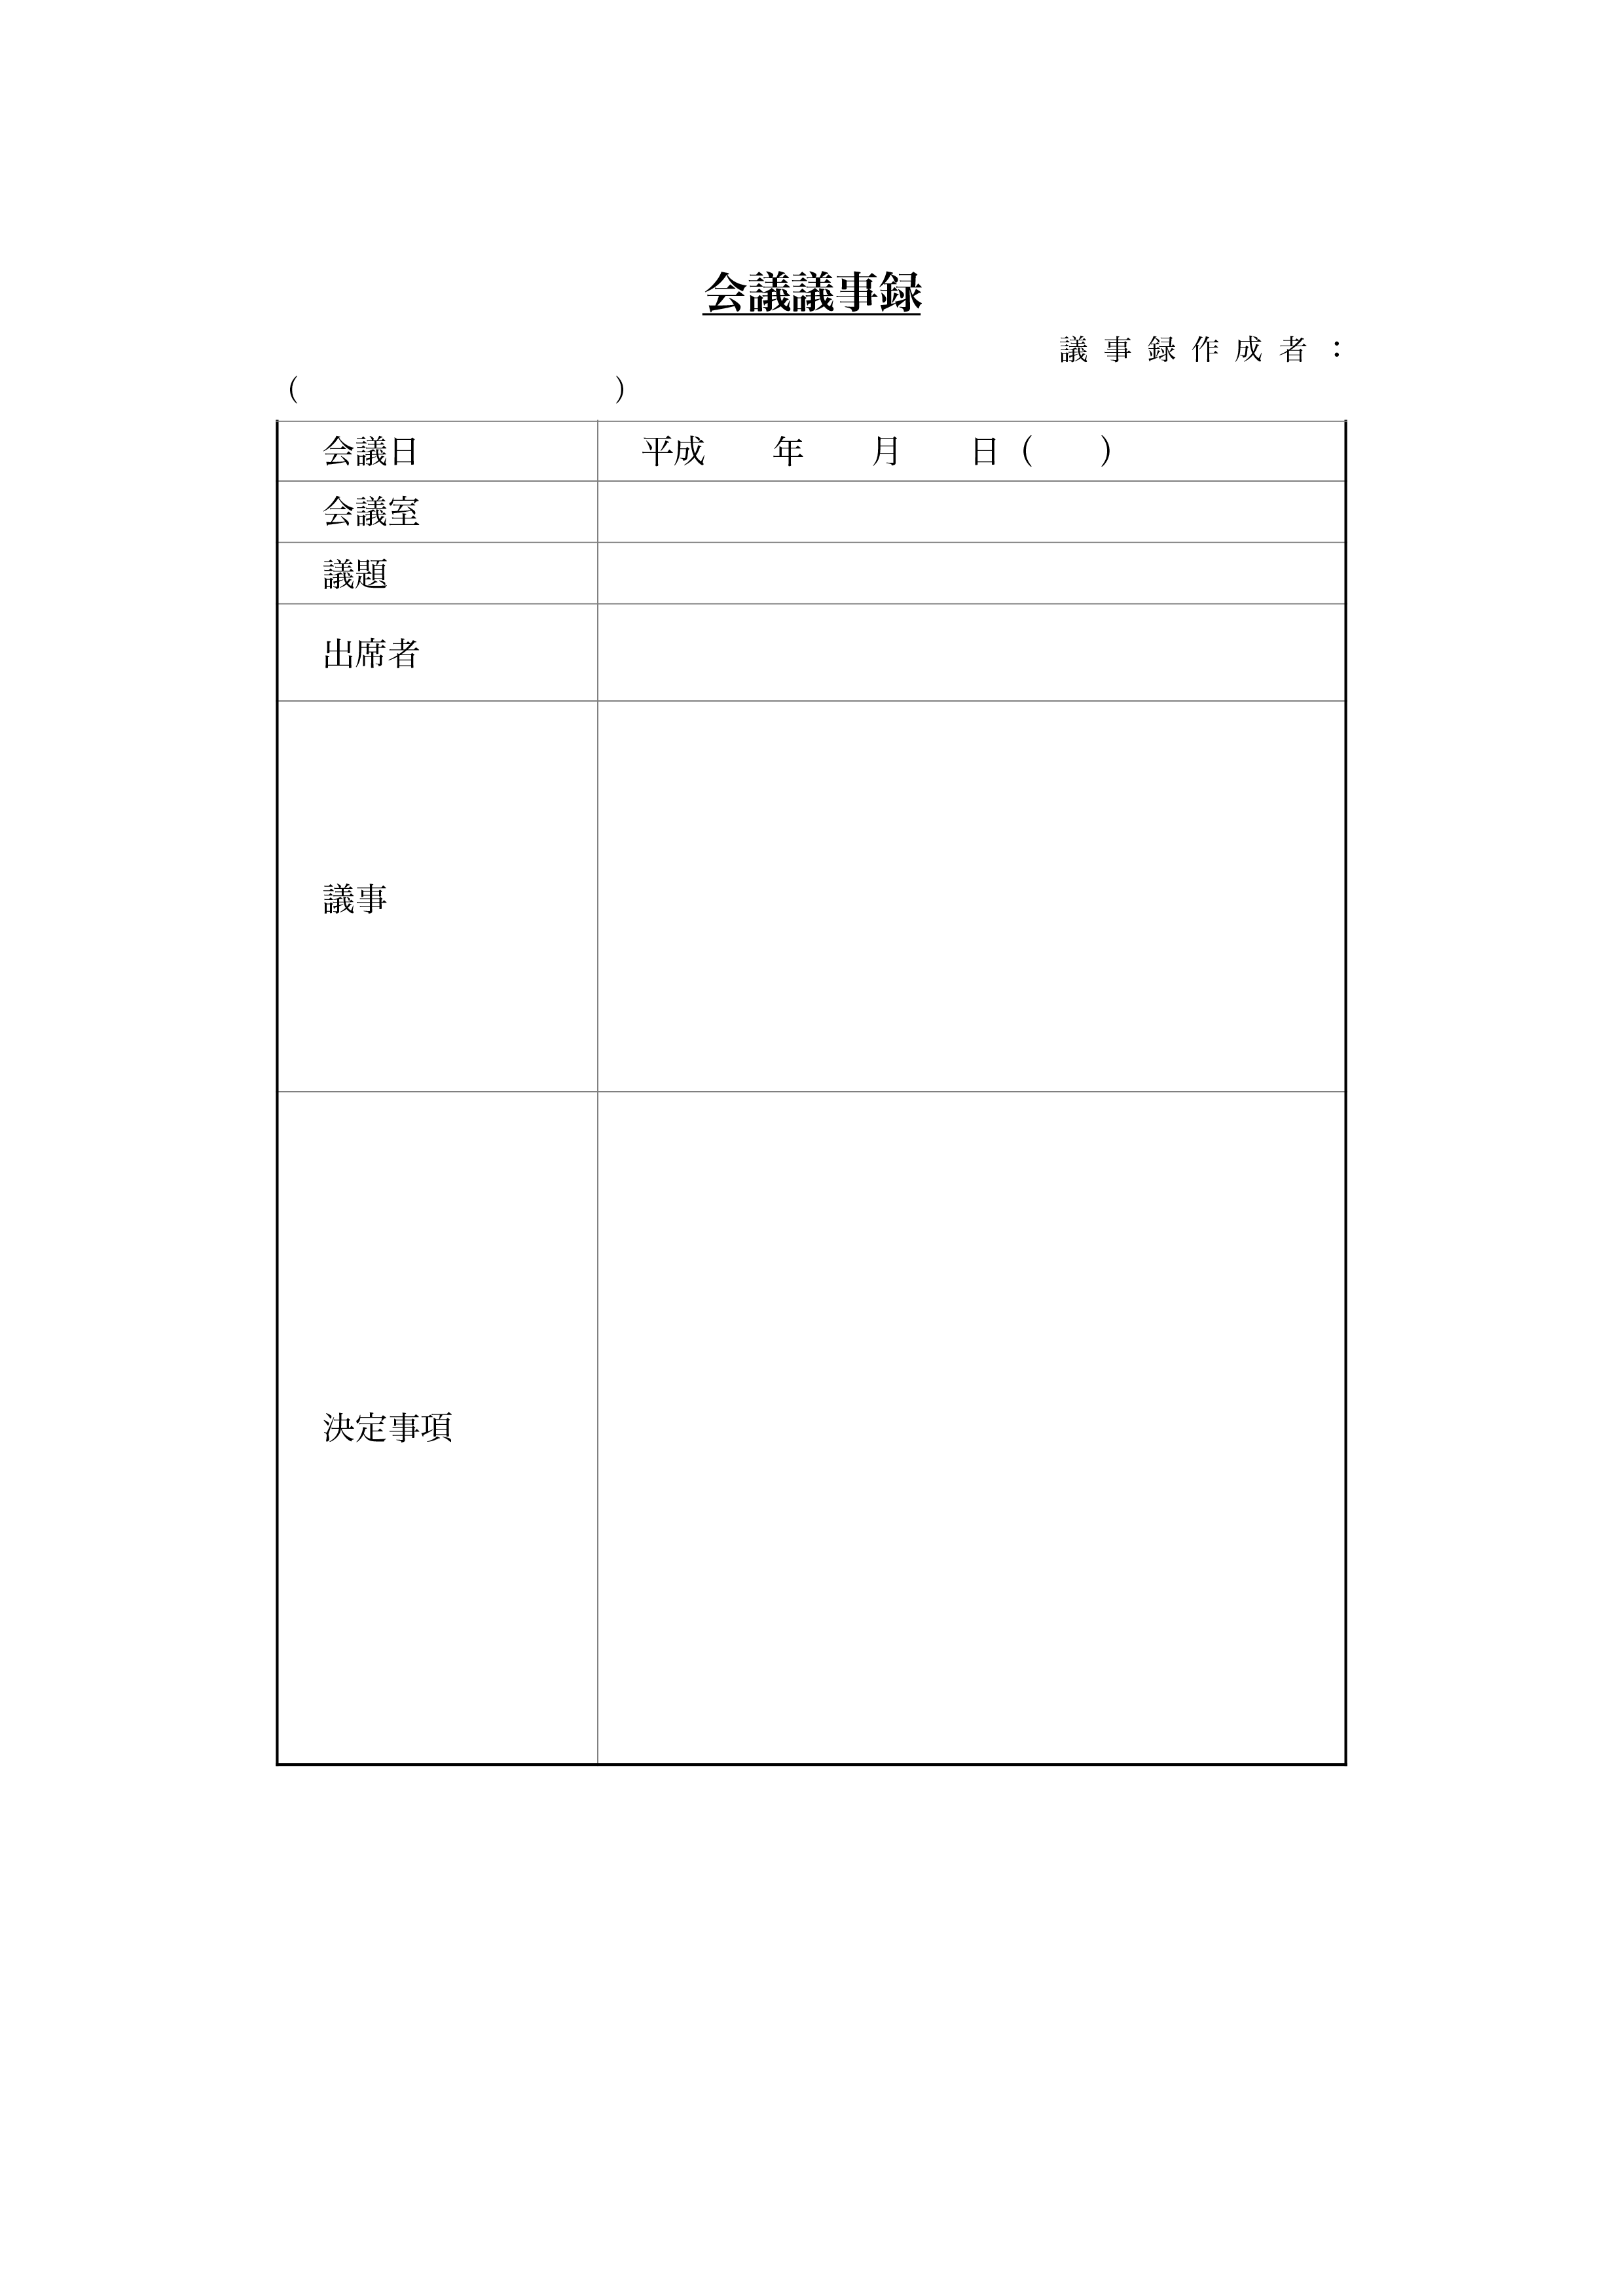 会議議事録テンプレート_シンプルな書き方でOK(ワード・ページズ)